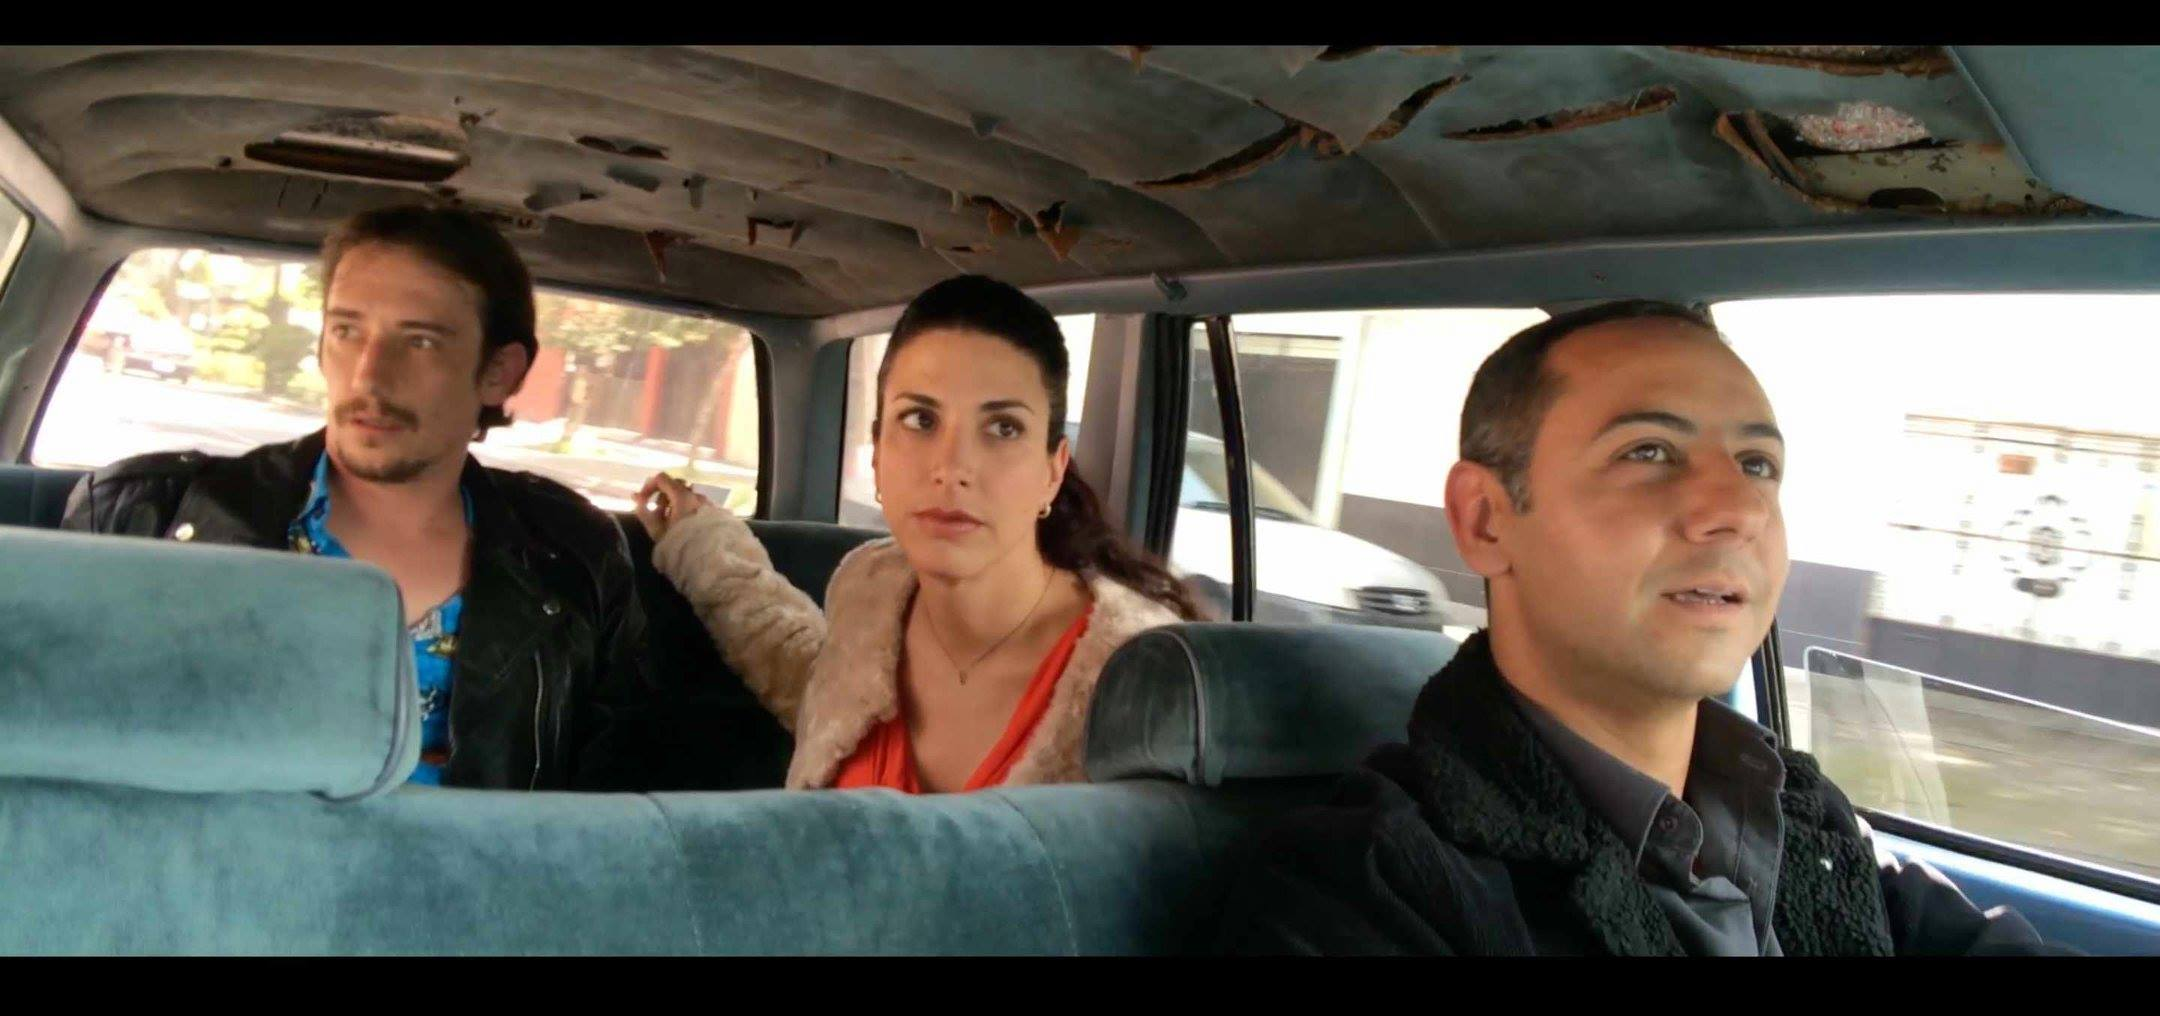 Oso polar, la primera película mexicana grabada con iPhone